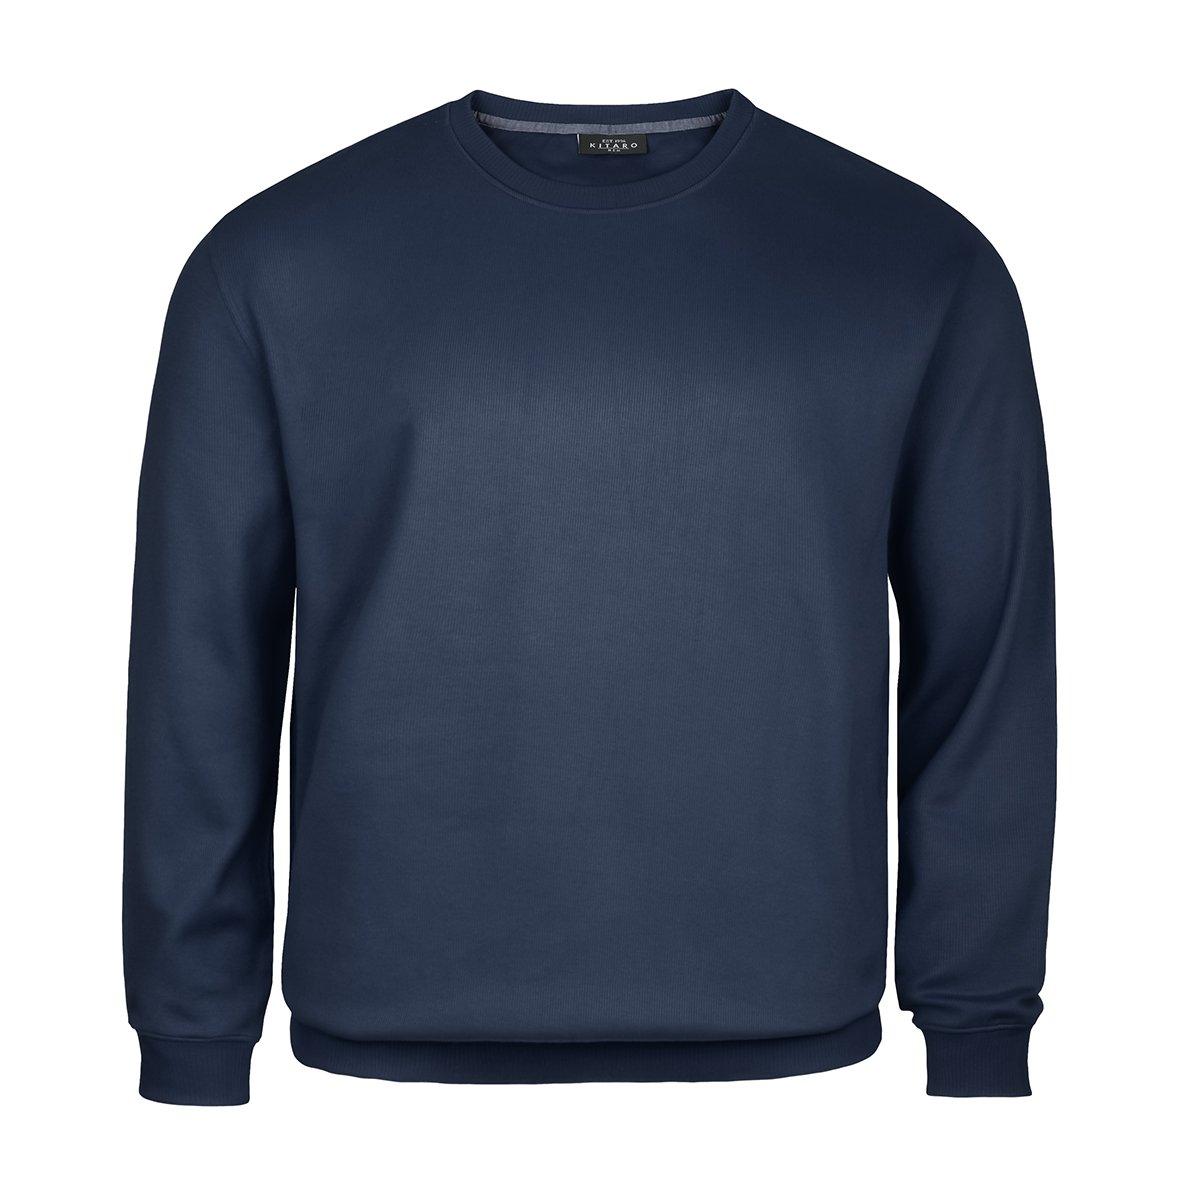 Kitaro XXL Sweatshirt Rundhals Navy